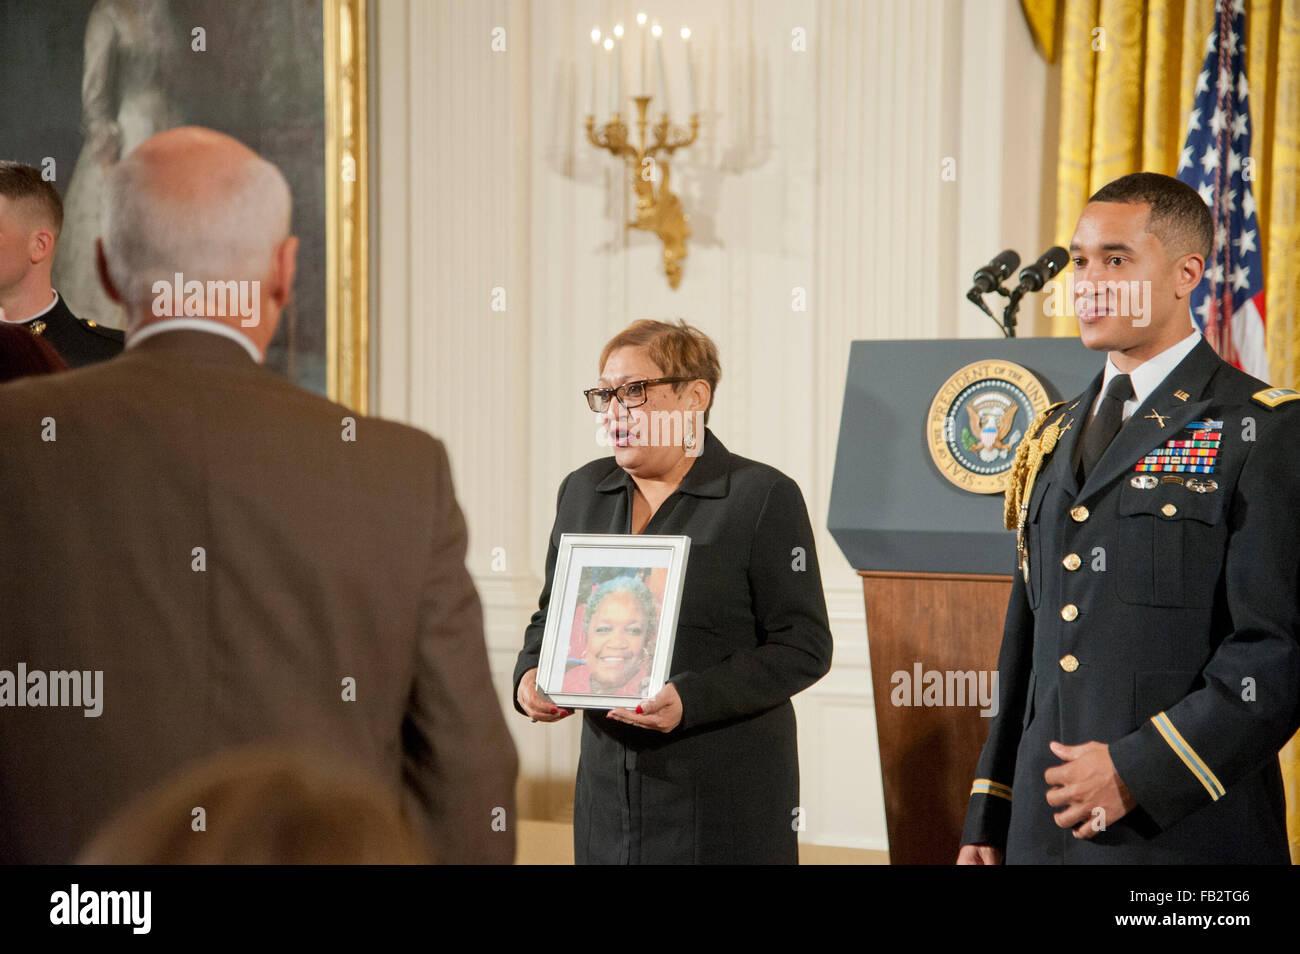 Gennaio 5.2016 - Washington,DC, Stati Uniti: Reverand Sharon Risher, detiene una foto di sua sorella, che è Immagini Stock